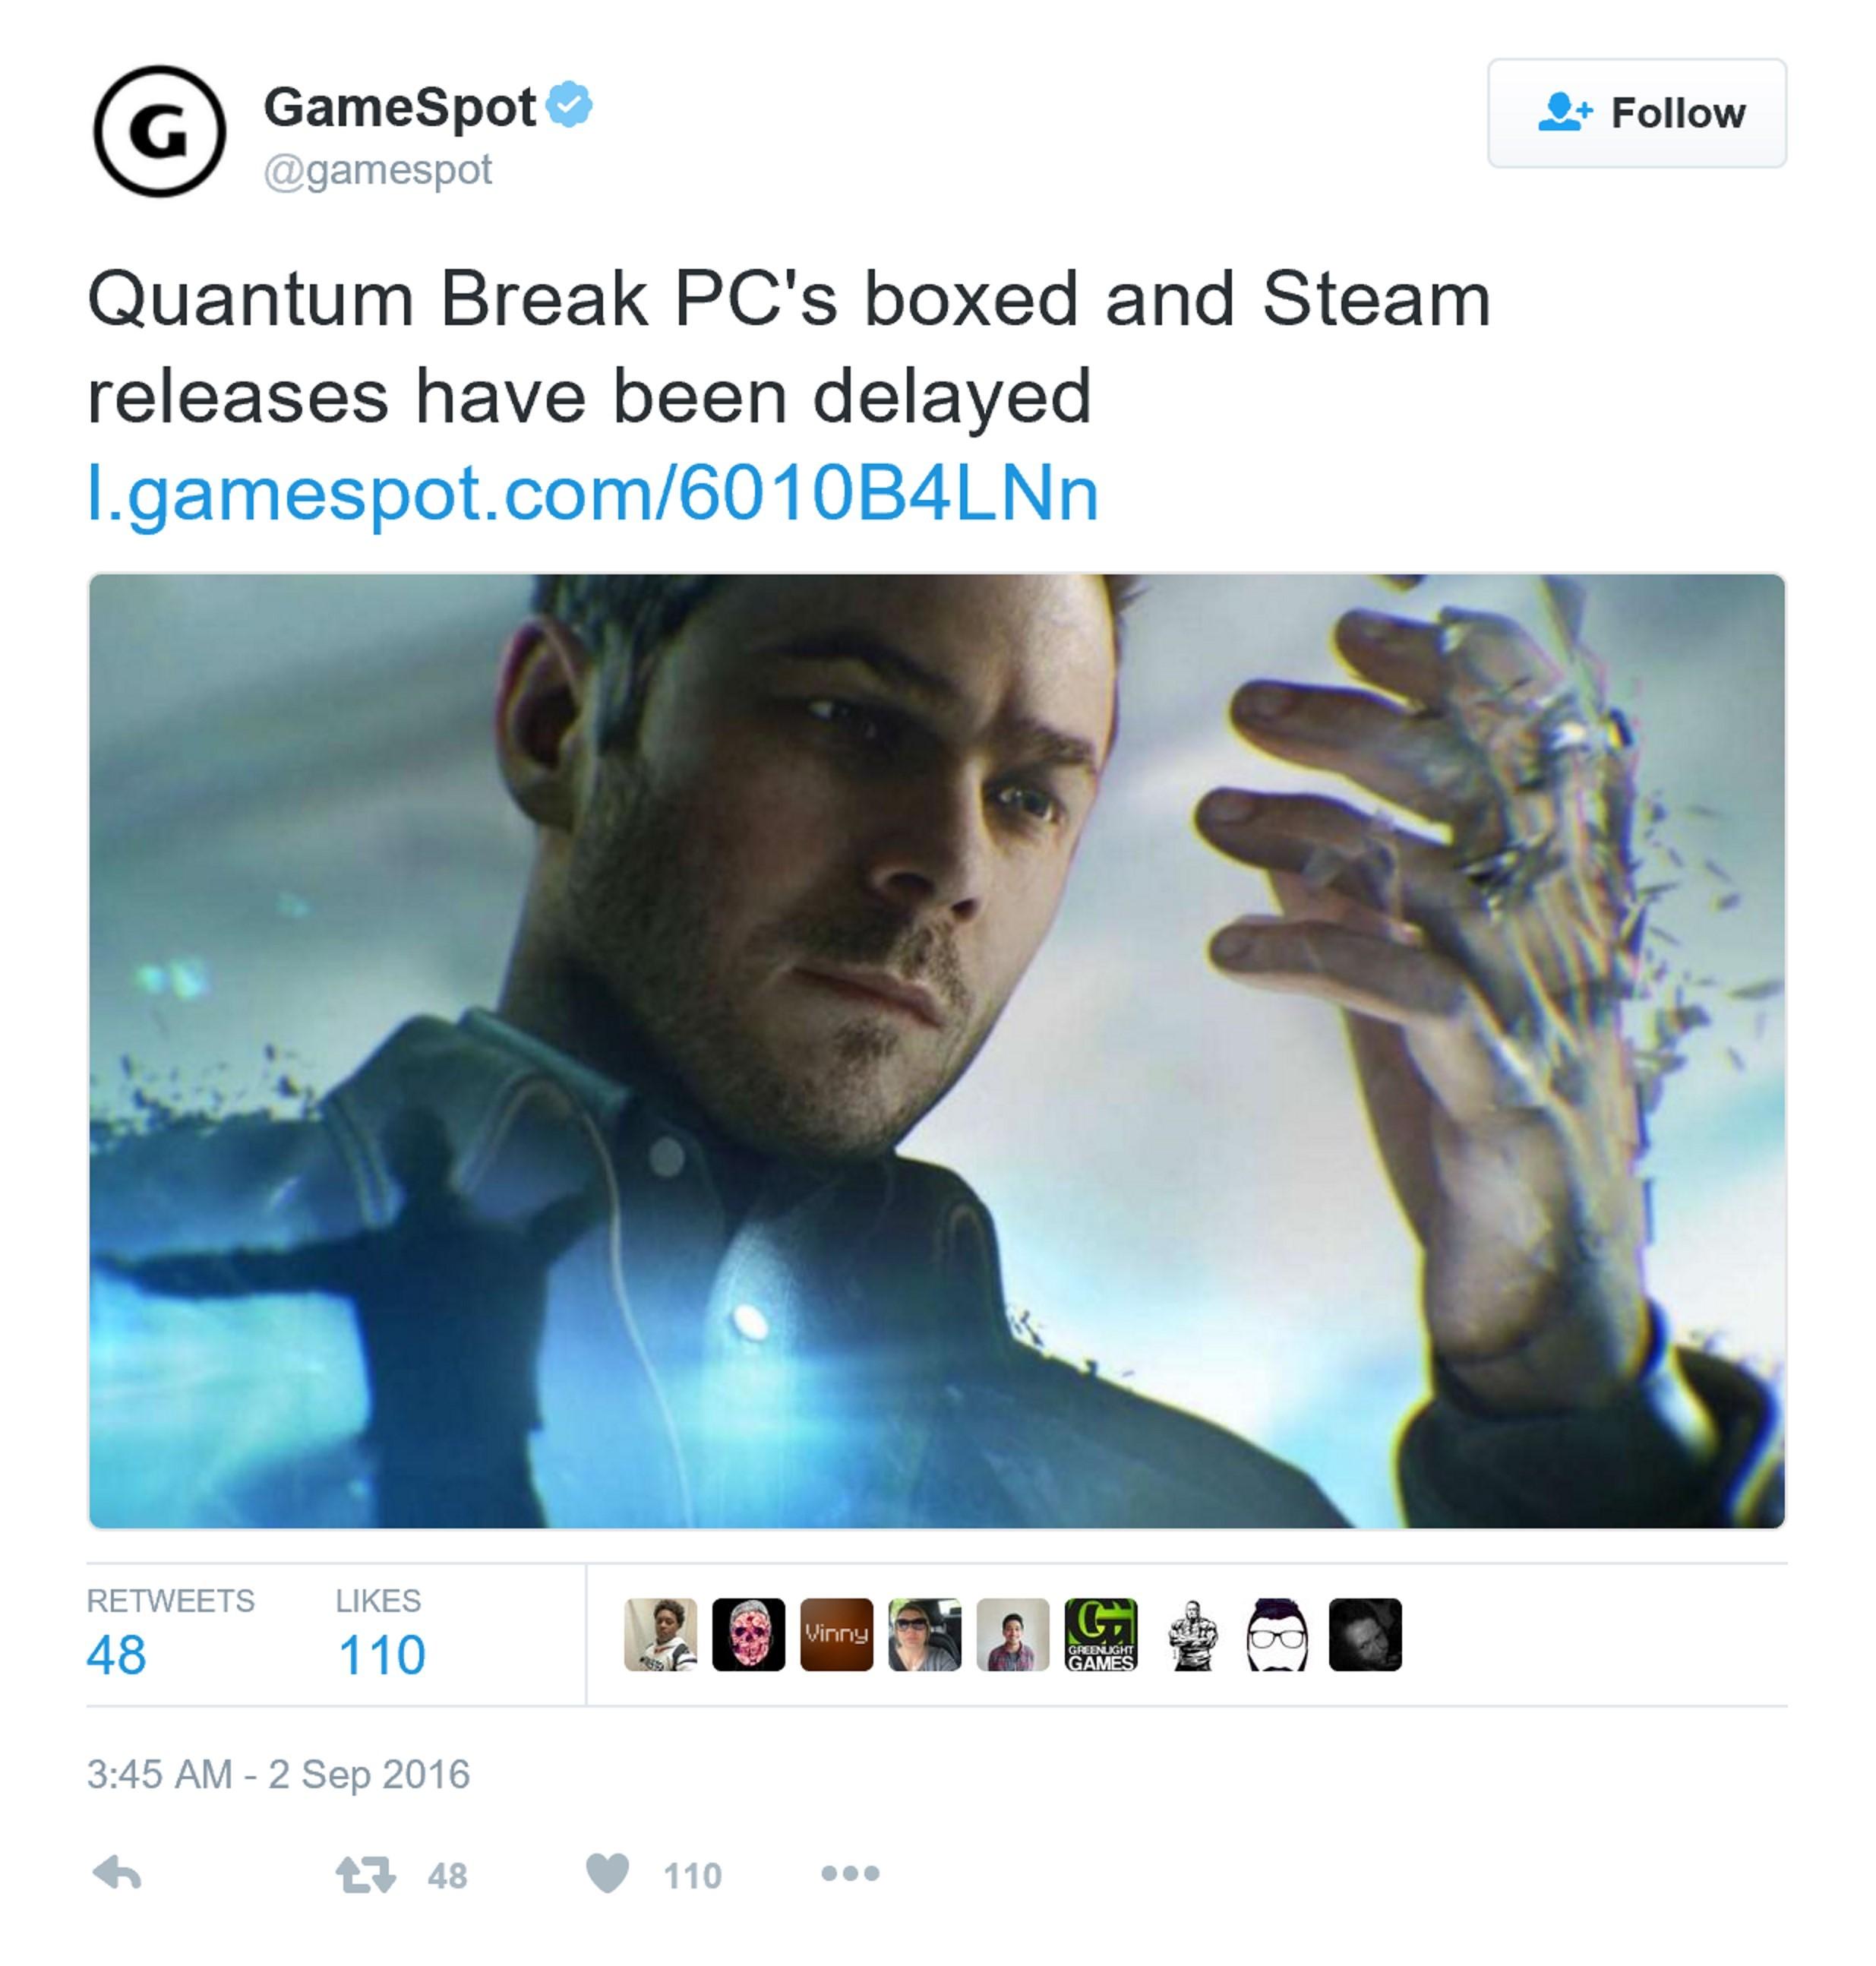 《量子破碎》Steam版宣布跳票